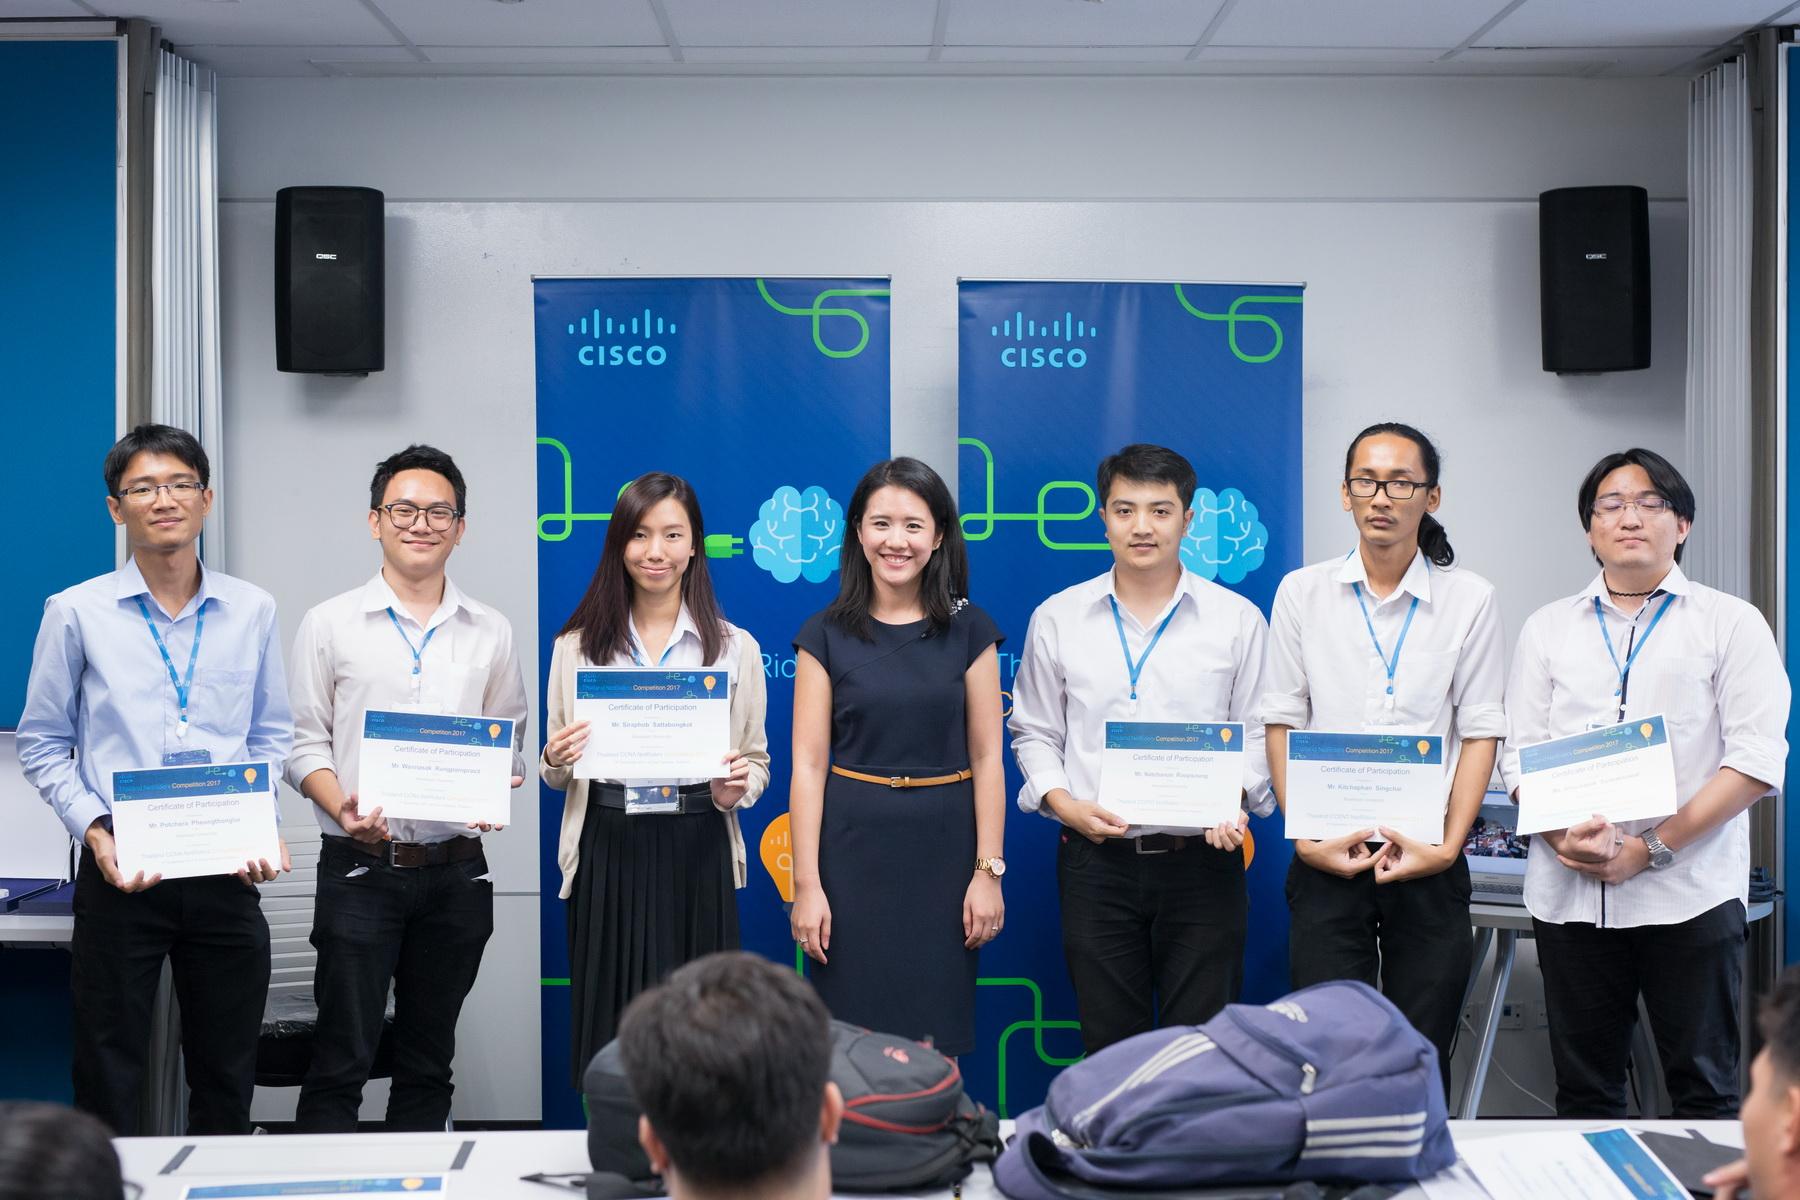 นิสิตวิศวกรรมคอมพิวเตอร์ คว้ารางวัลที่ 1 CCENT competition จากการแข่งขันรายการ Thailand NetRiders 2017